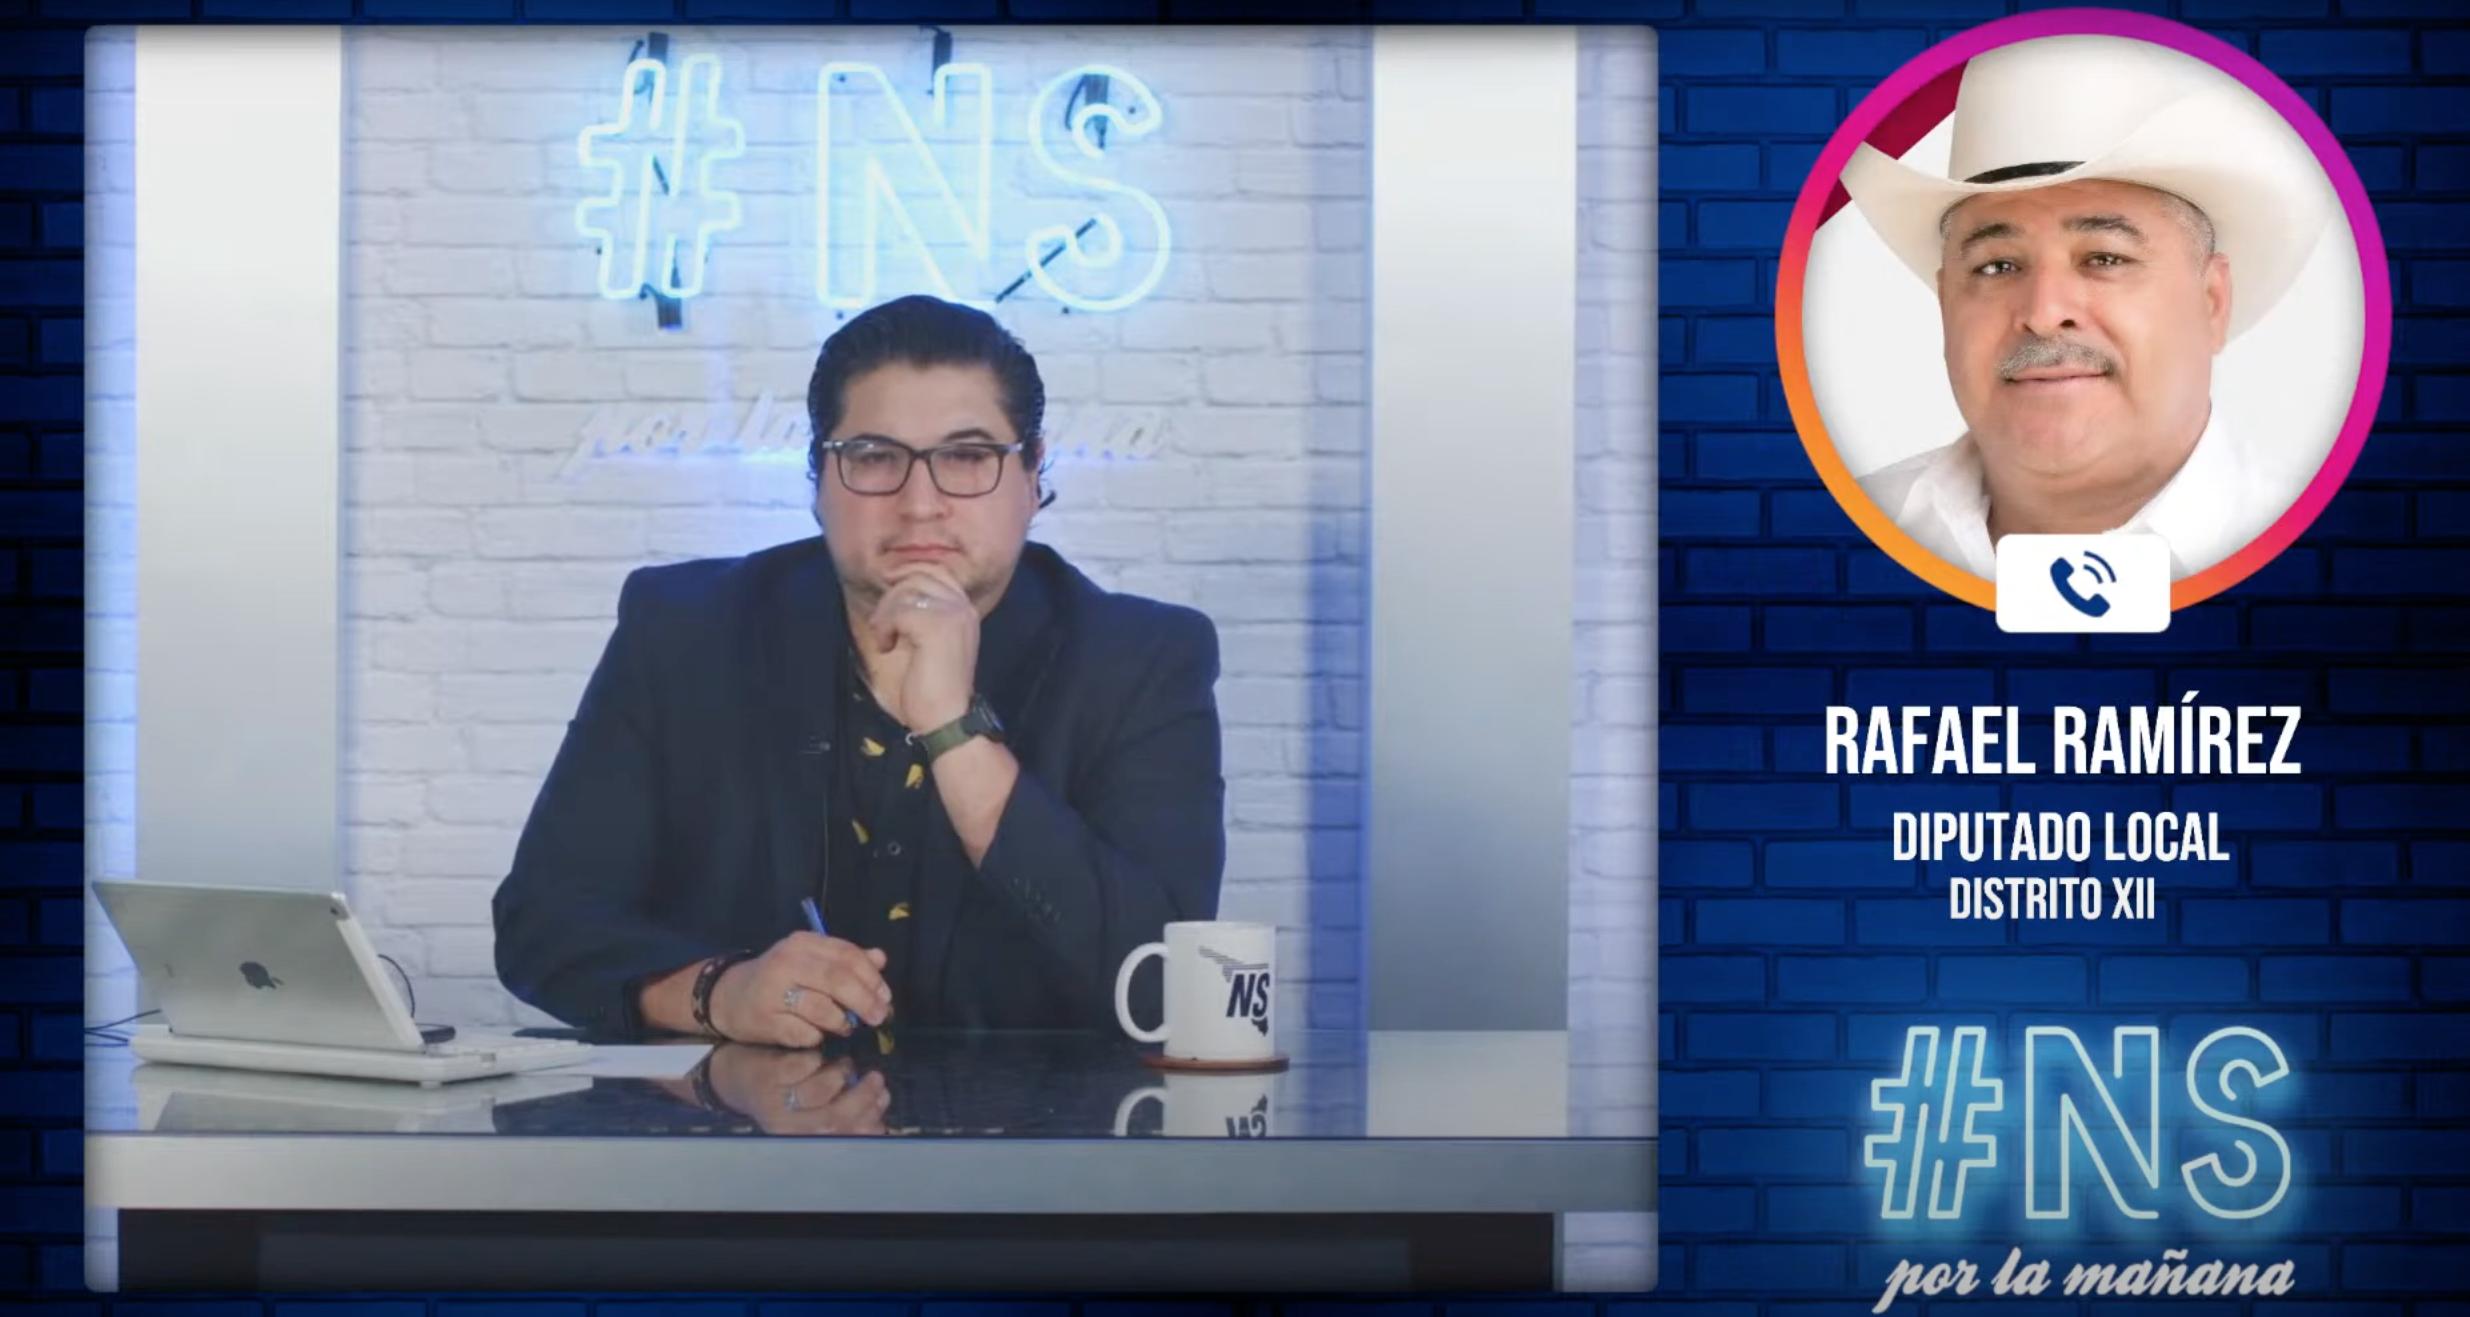 Seré un diputado a ras de suelo,ahí es donde está la verdad:Rafael Ramírez